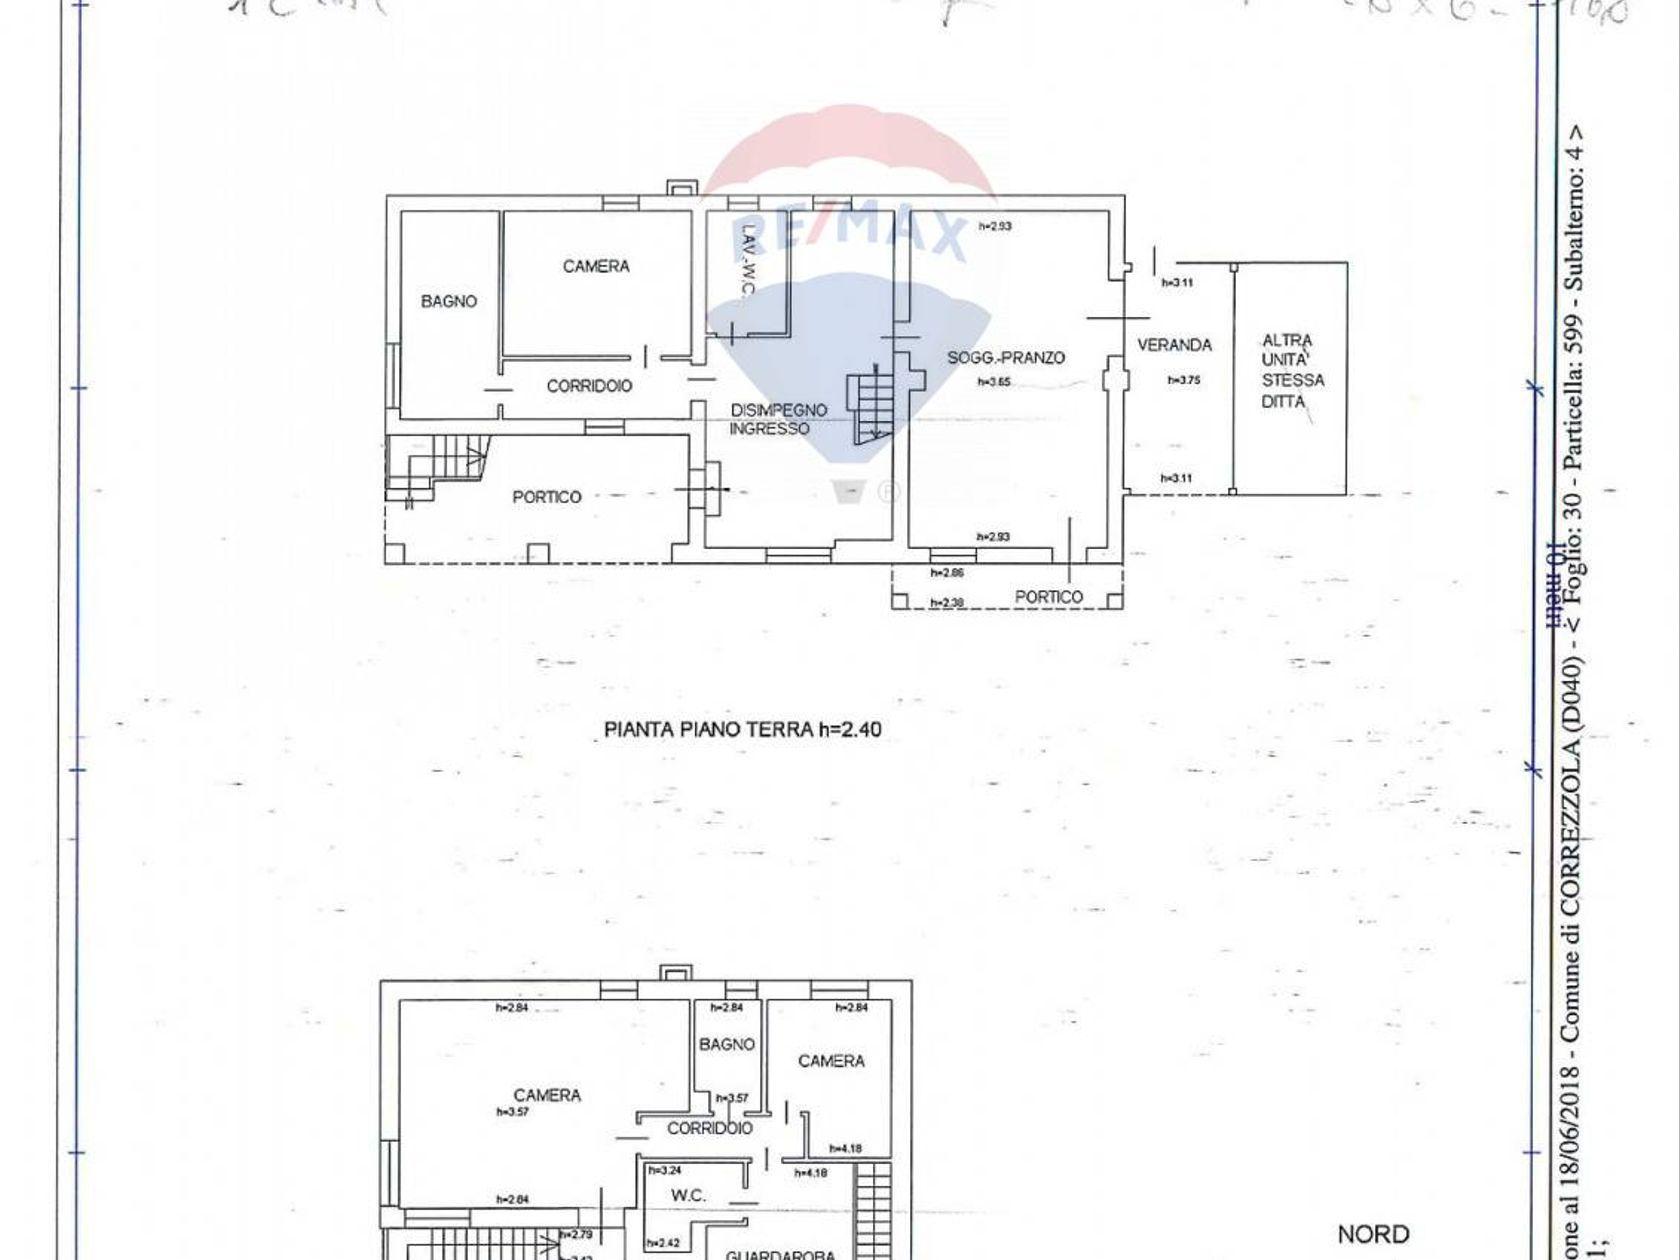 Villa singola Correzzola, PD Vendita - Planimetria 2